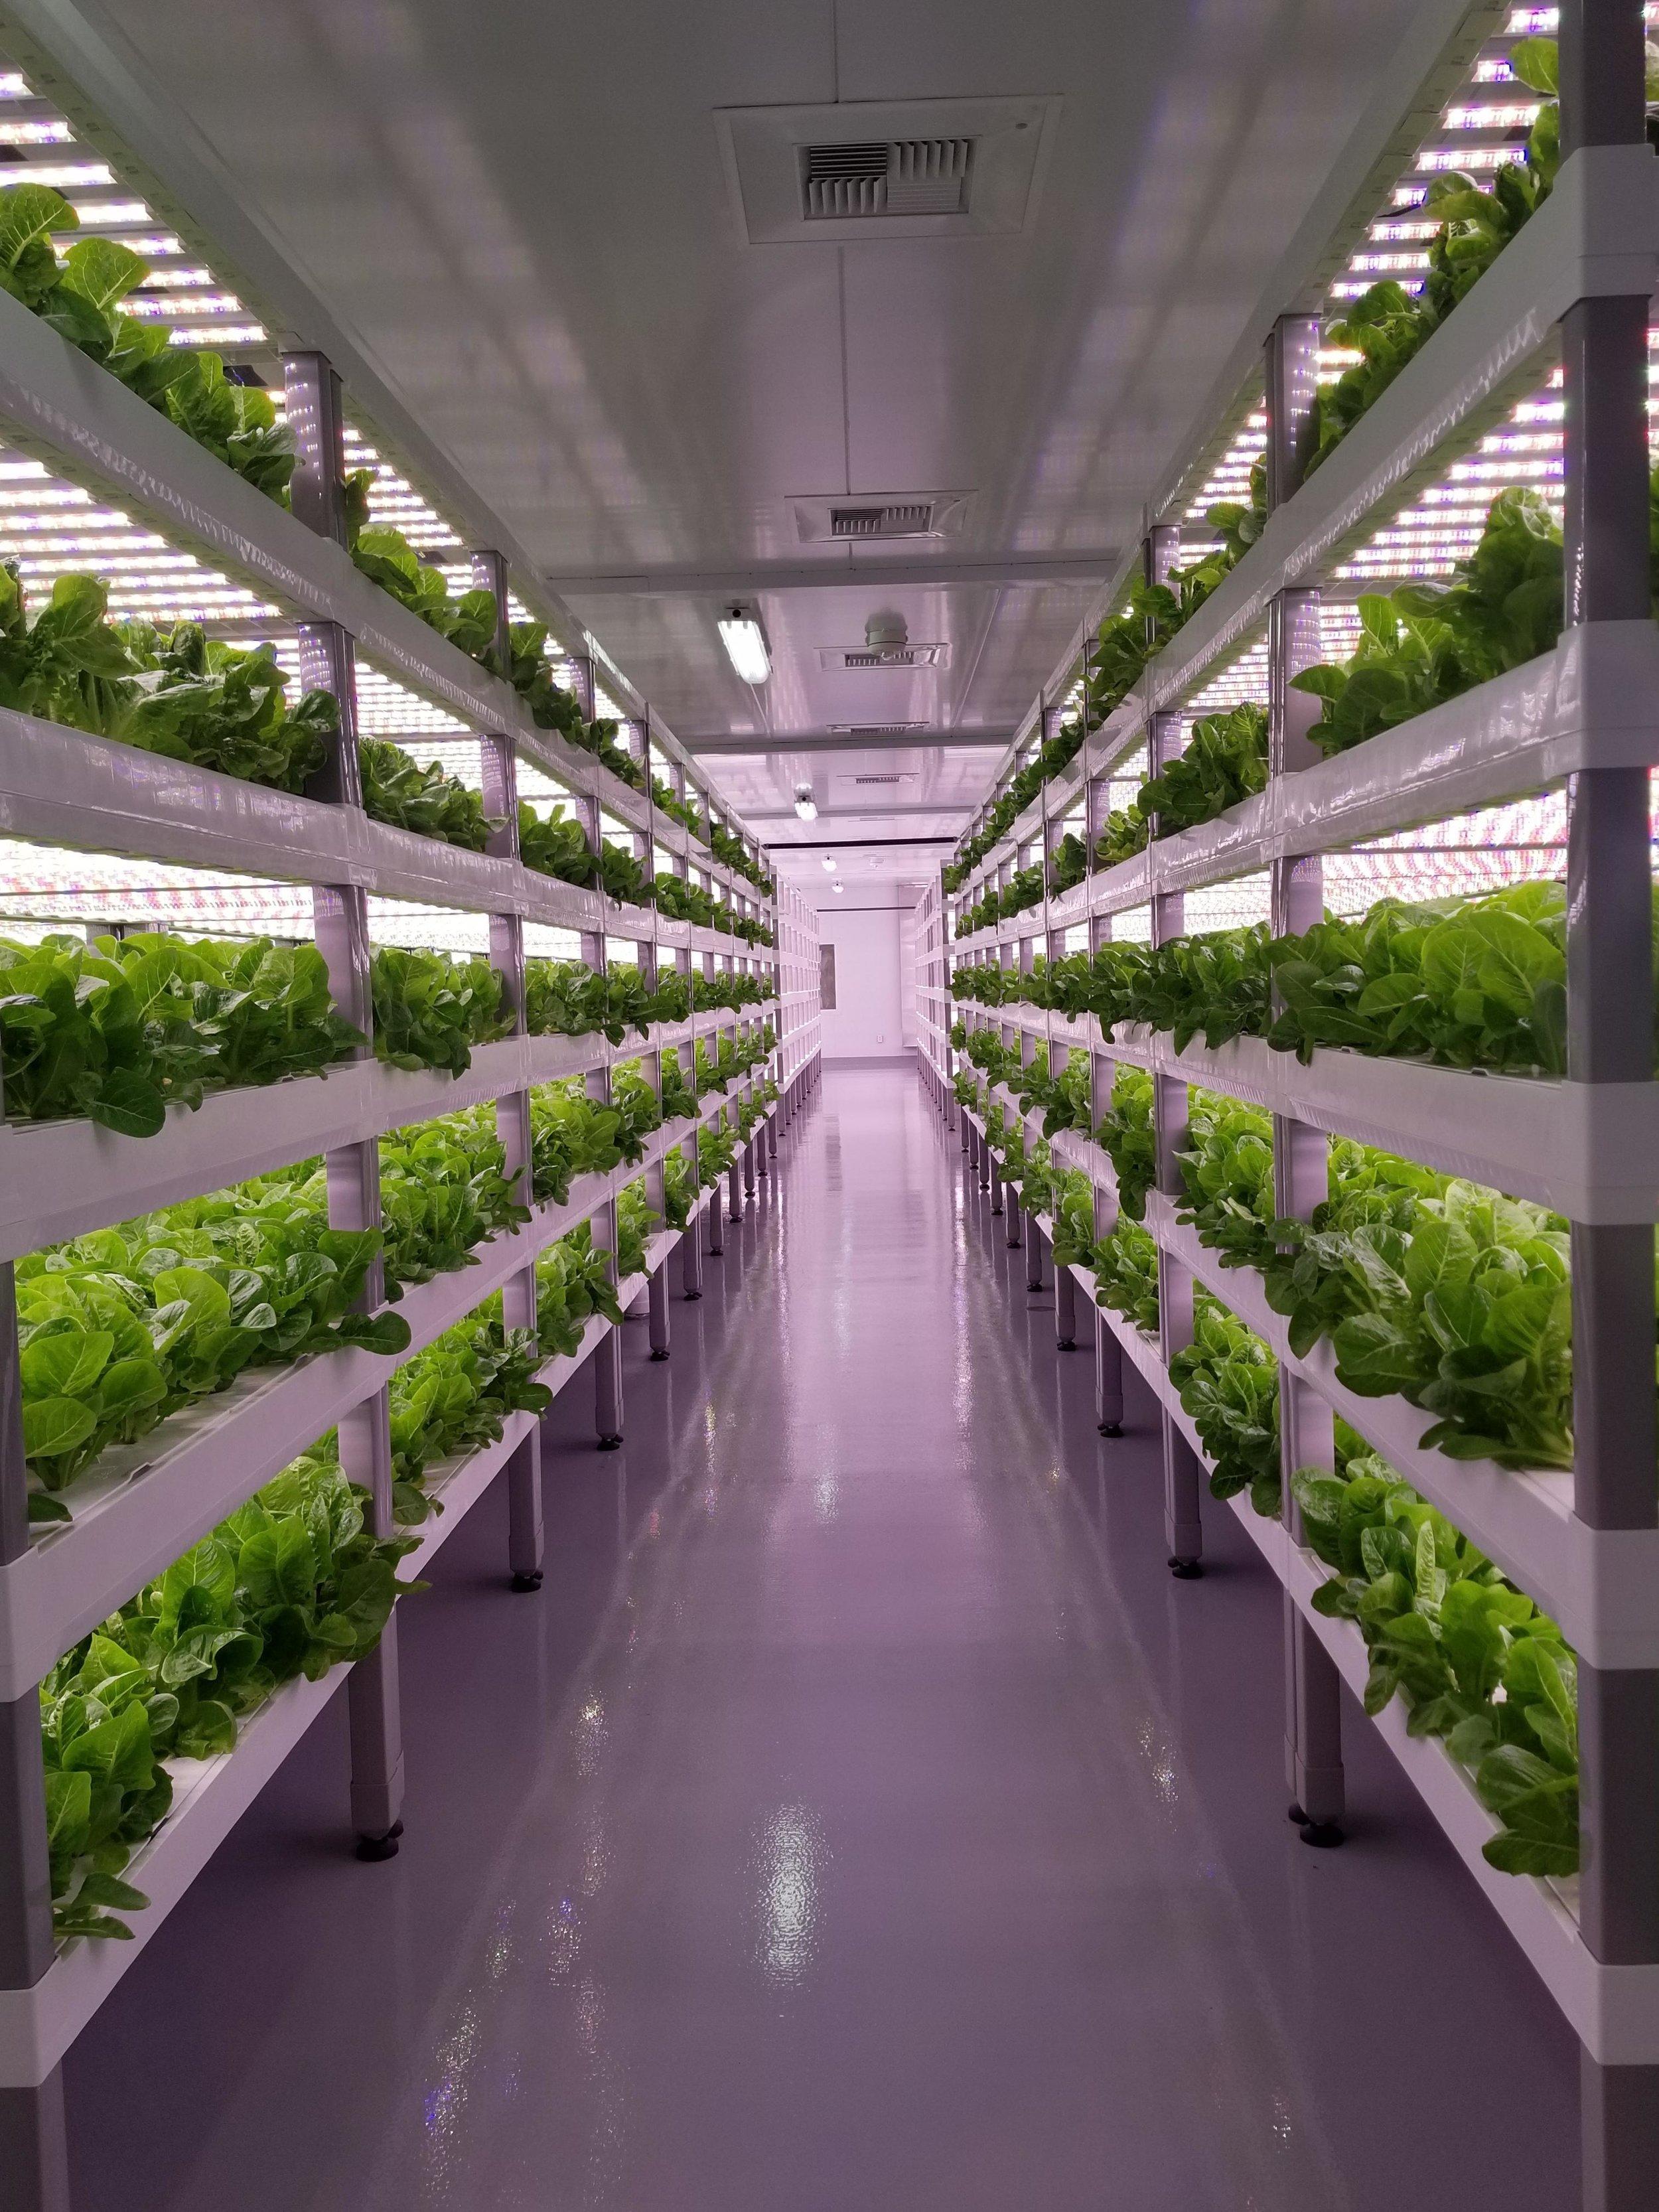 OASIS FARM - LAS VEGAS, NEVADA